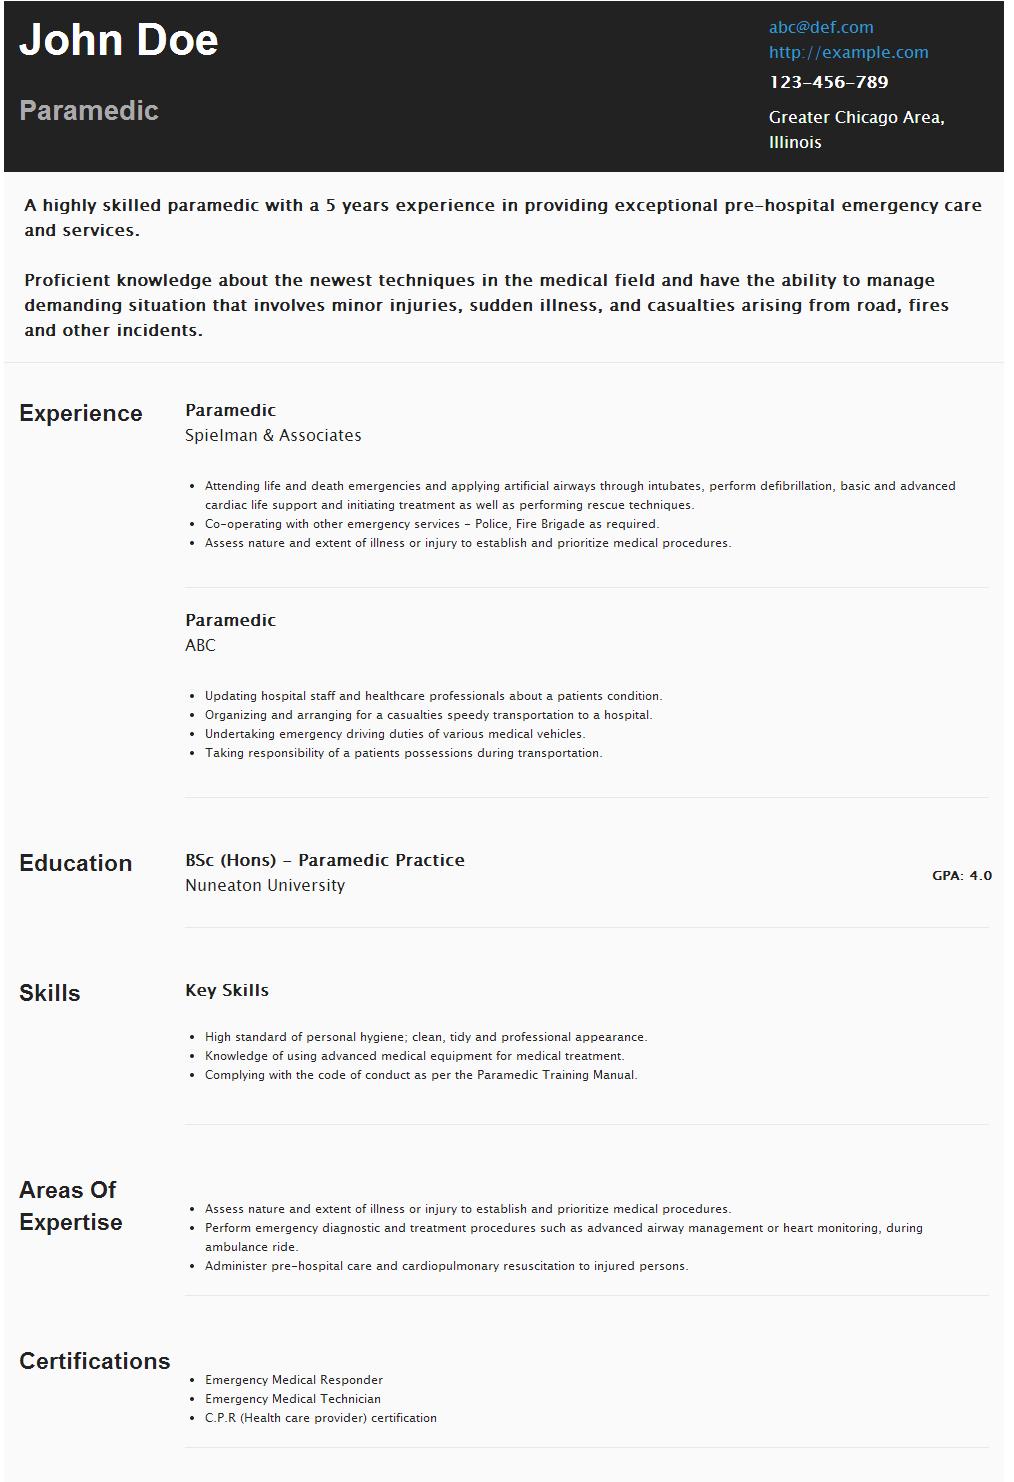 resume for paramedic s     hipcv com  abc  r  paramedic